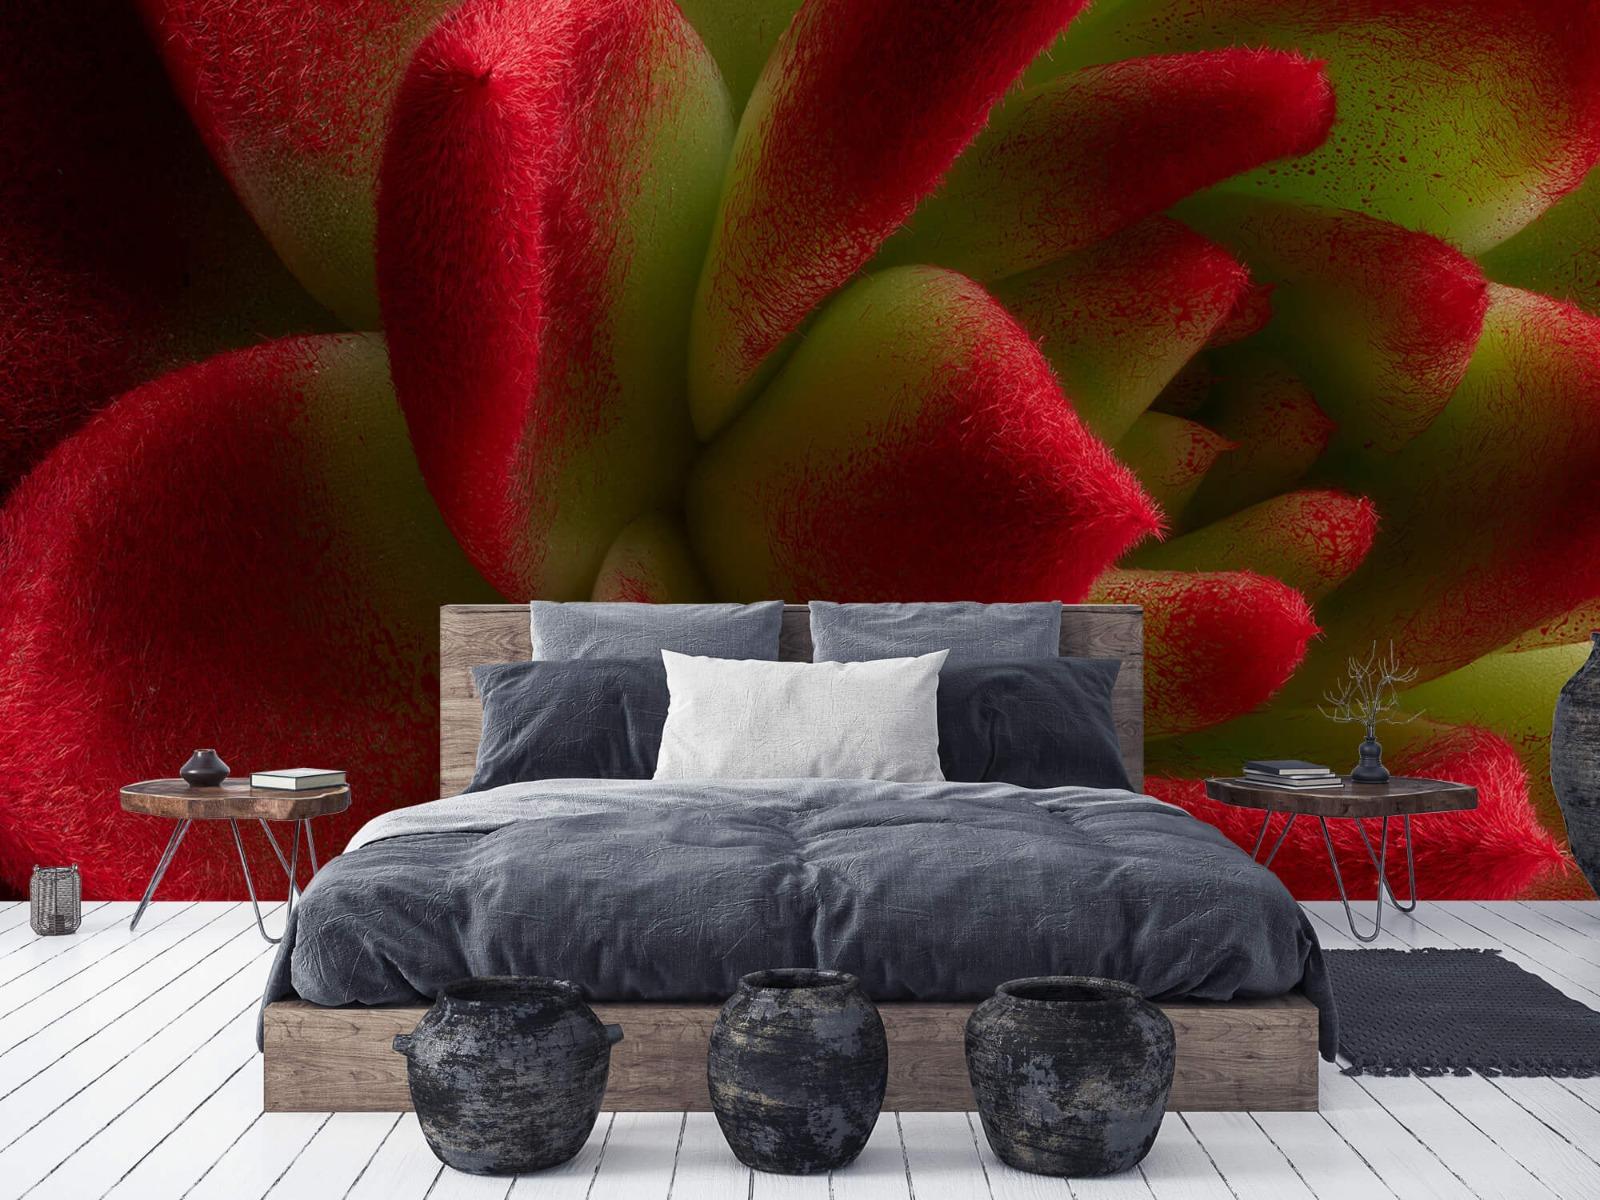 Overige - Rode cactus - Slaapkamer 5